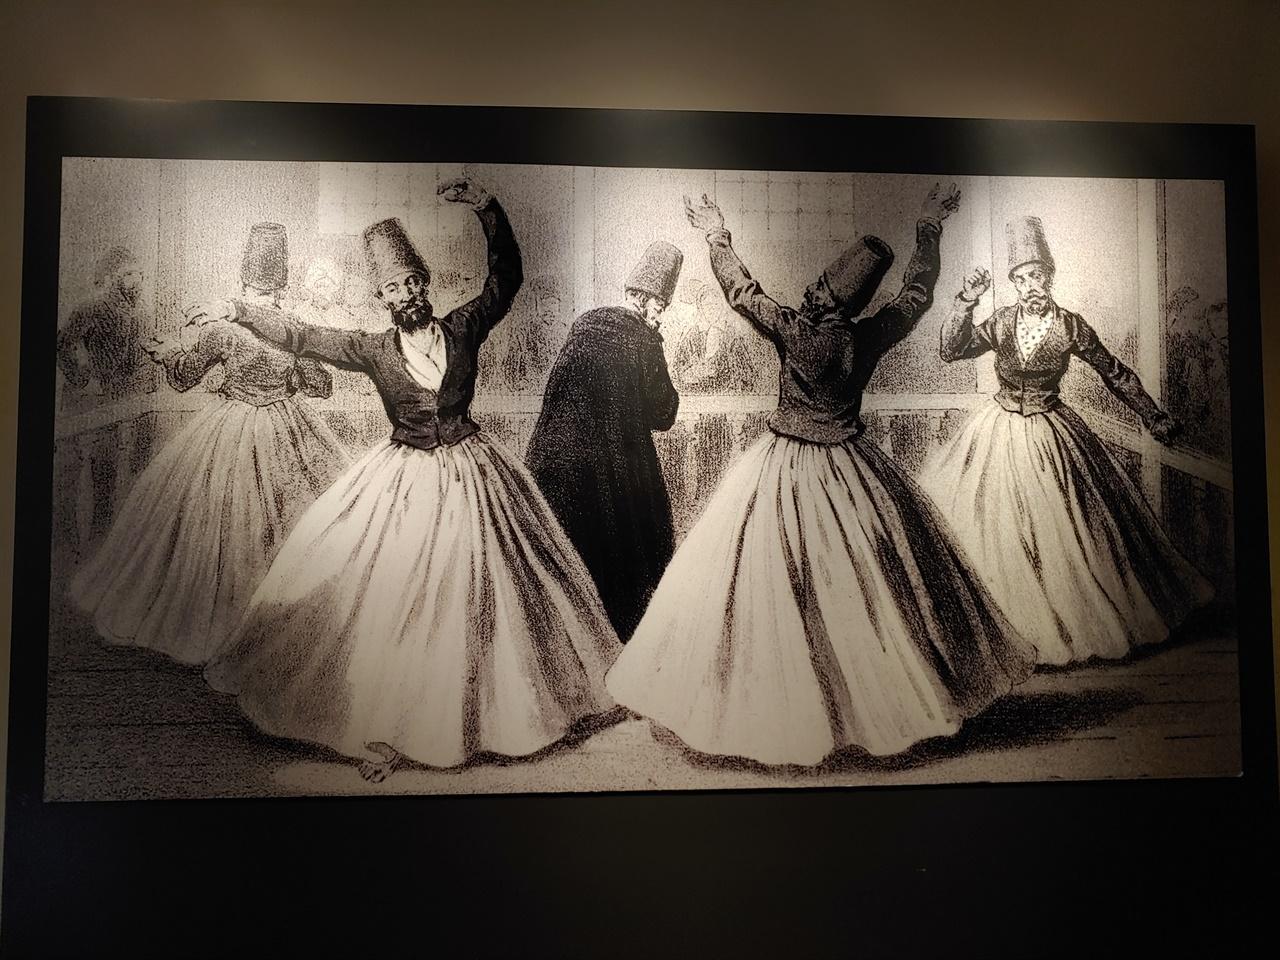 드레비시 세마 댄스를 추는 세마젠들. 일반적으로 나이 든 스승(메블라나)과 세마젠 다섯 명으로 구성되어 있다(이스탄불에 있는 메블라나 박물관).